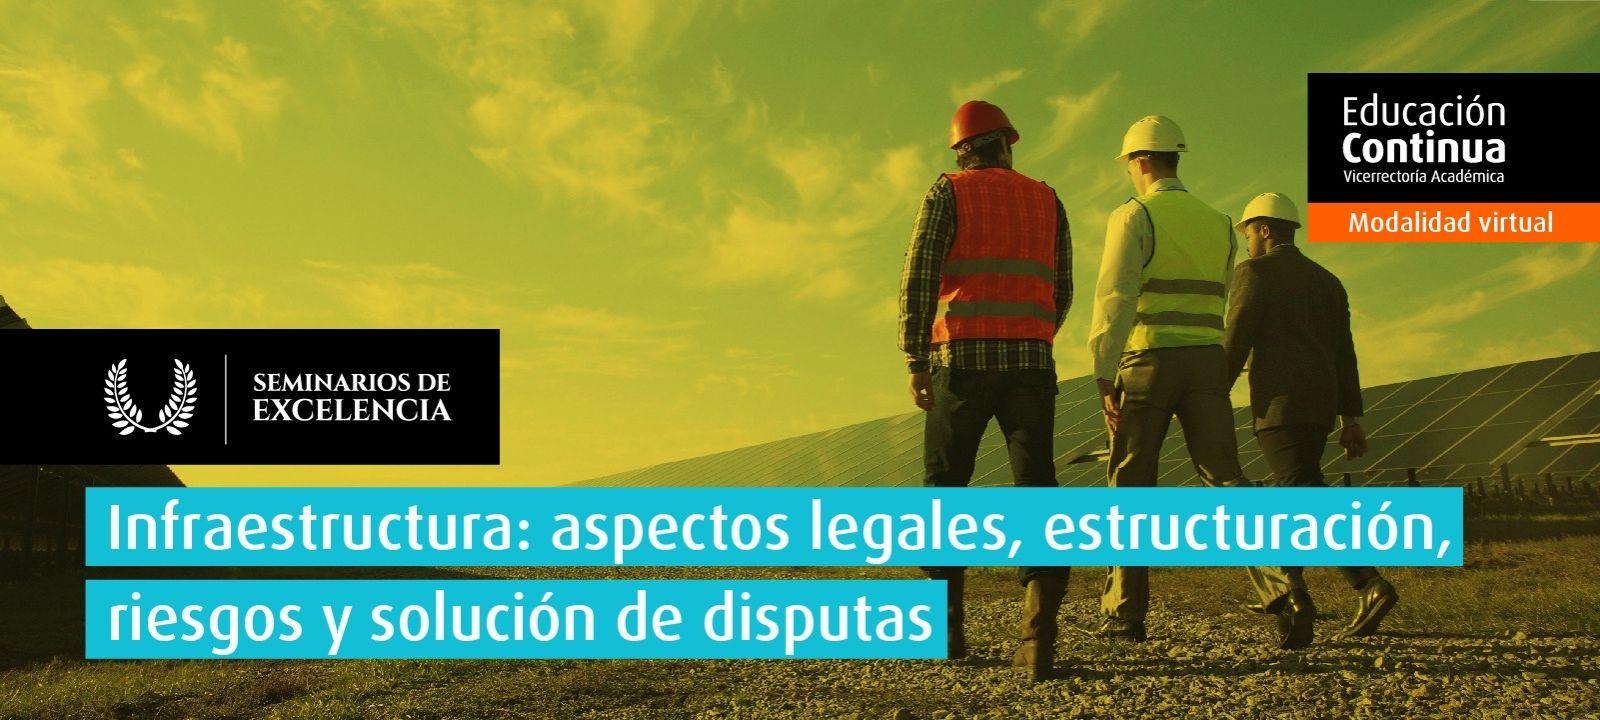 Curso virtual | Infraestructura: aspectos legales, estructuración, riesgos y solución de disputas